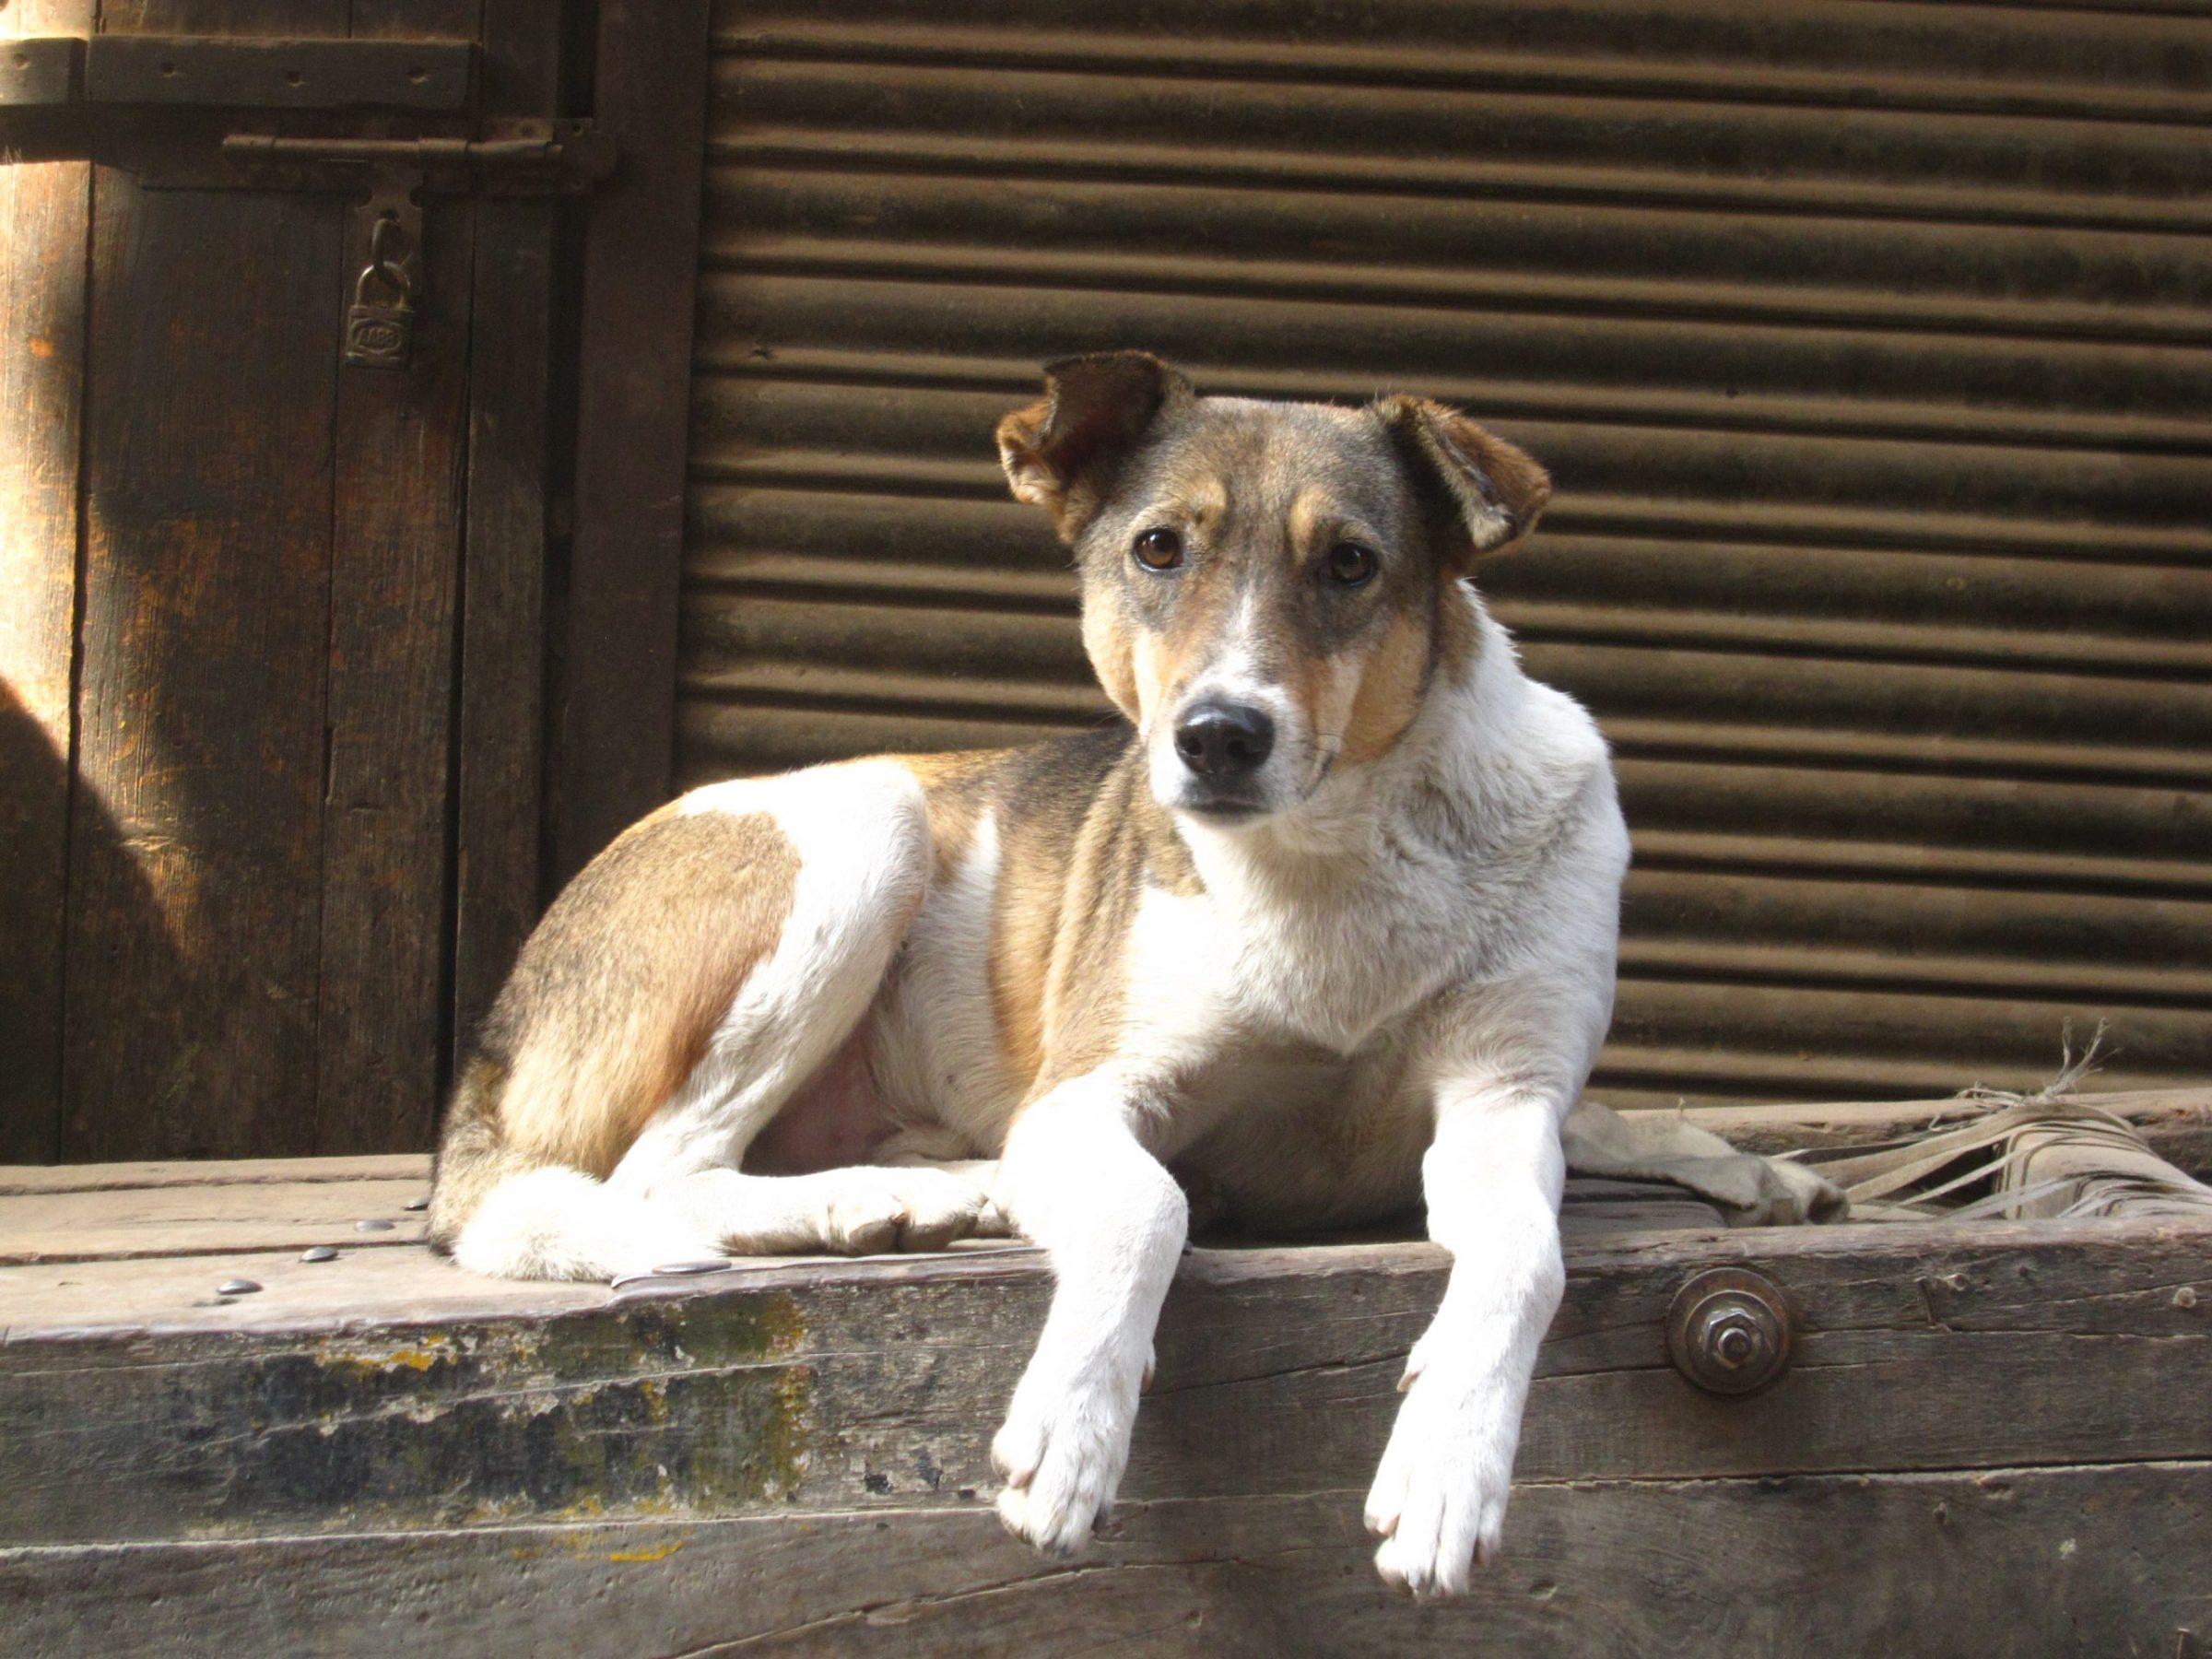 que fazer se encontrar um cachorro na rua #936B38 3648x2736 Aqui Não é Banheiro De Cachorro